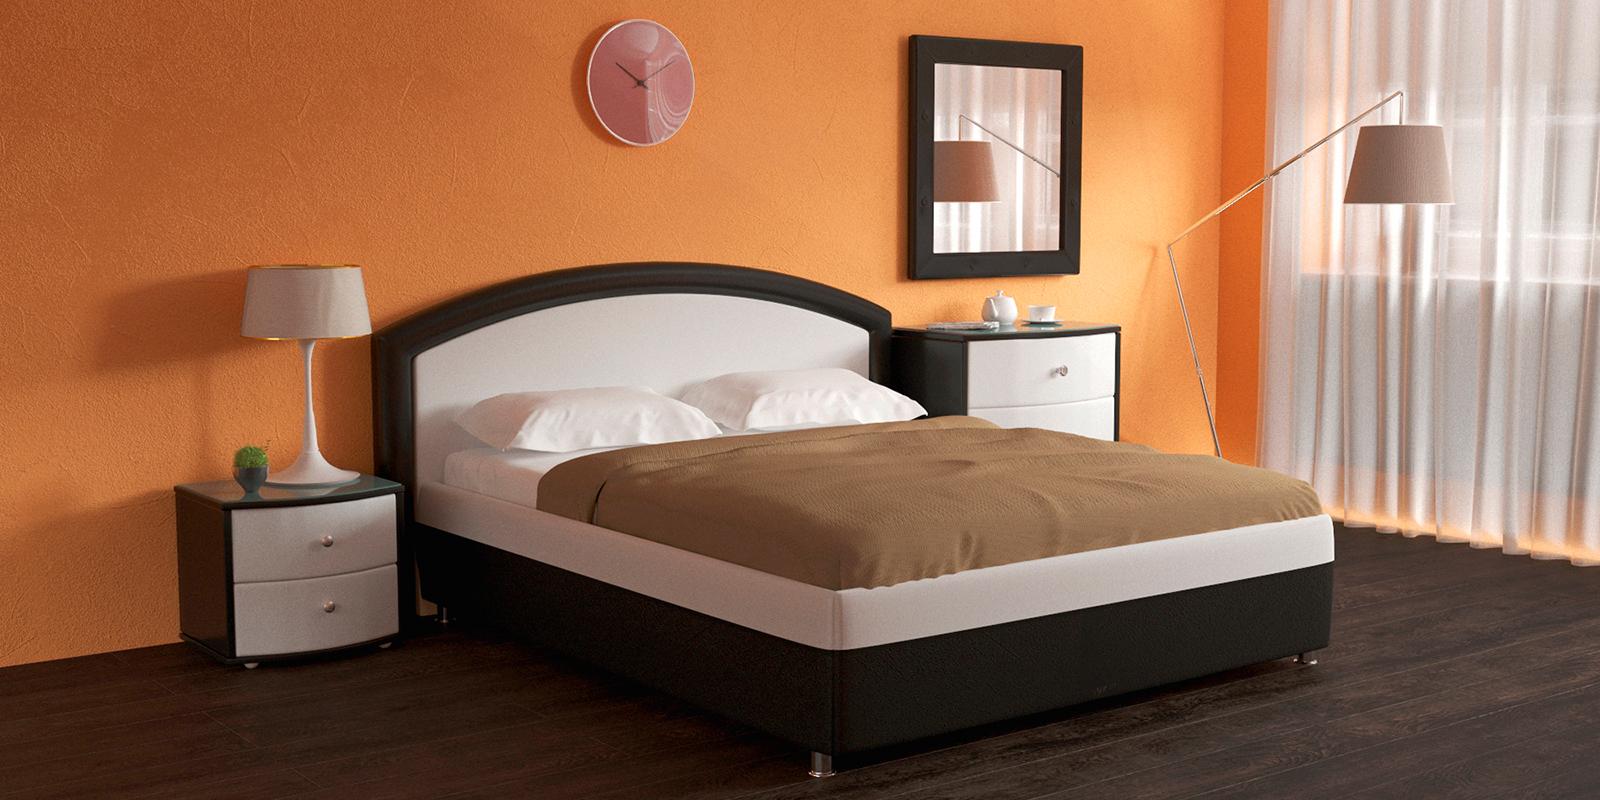 Мягкая кровать 200х160 Малибу вариант №8 с подъемным механизмом (Белый/Шоколад)